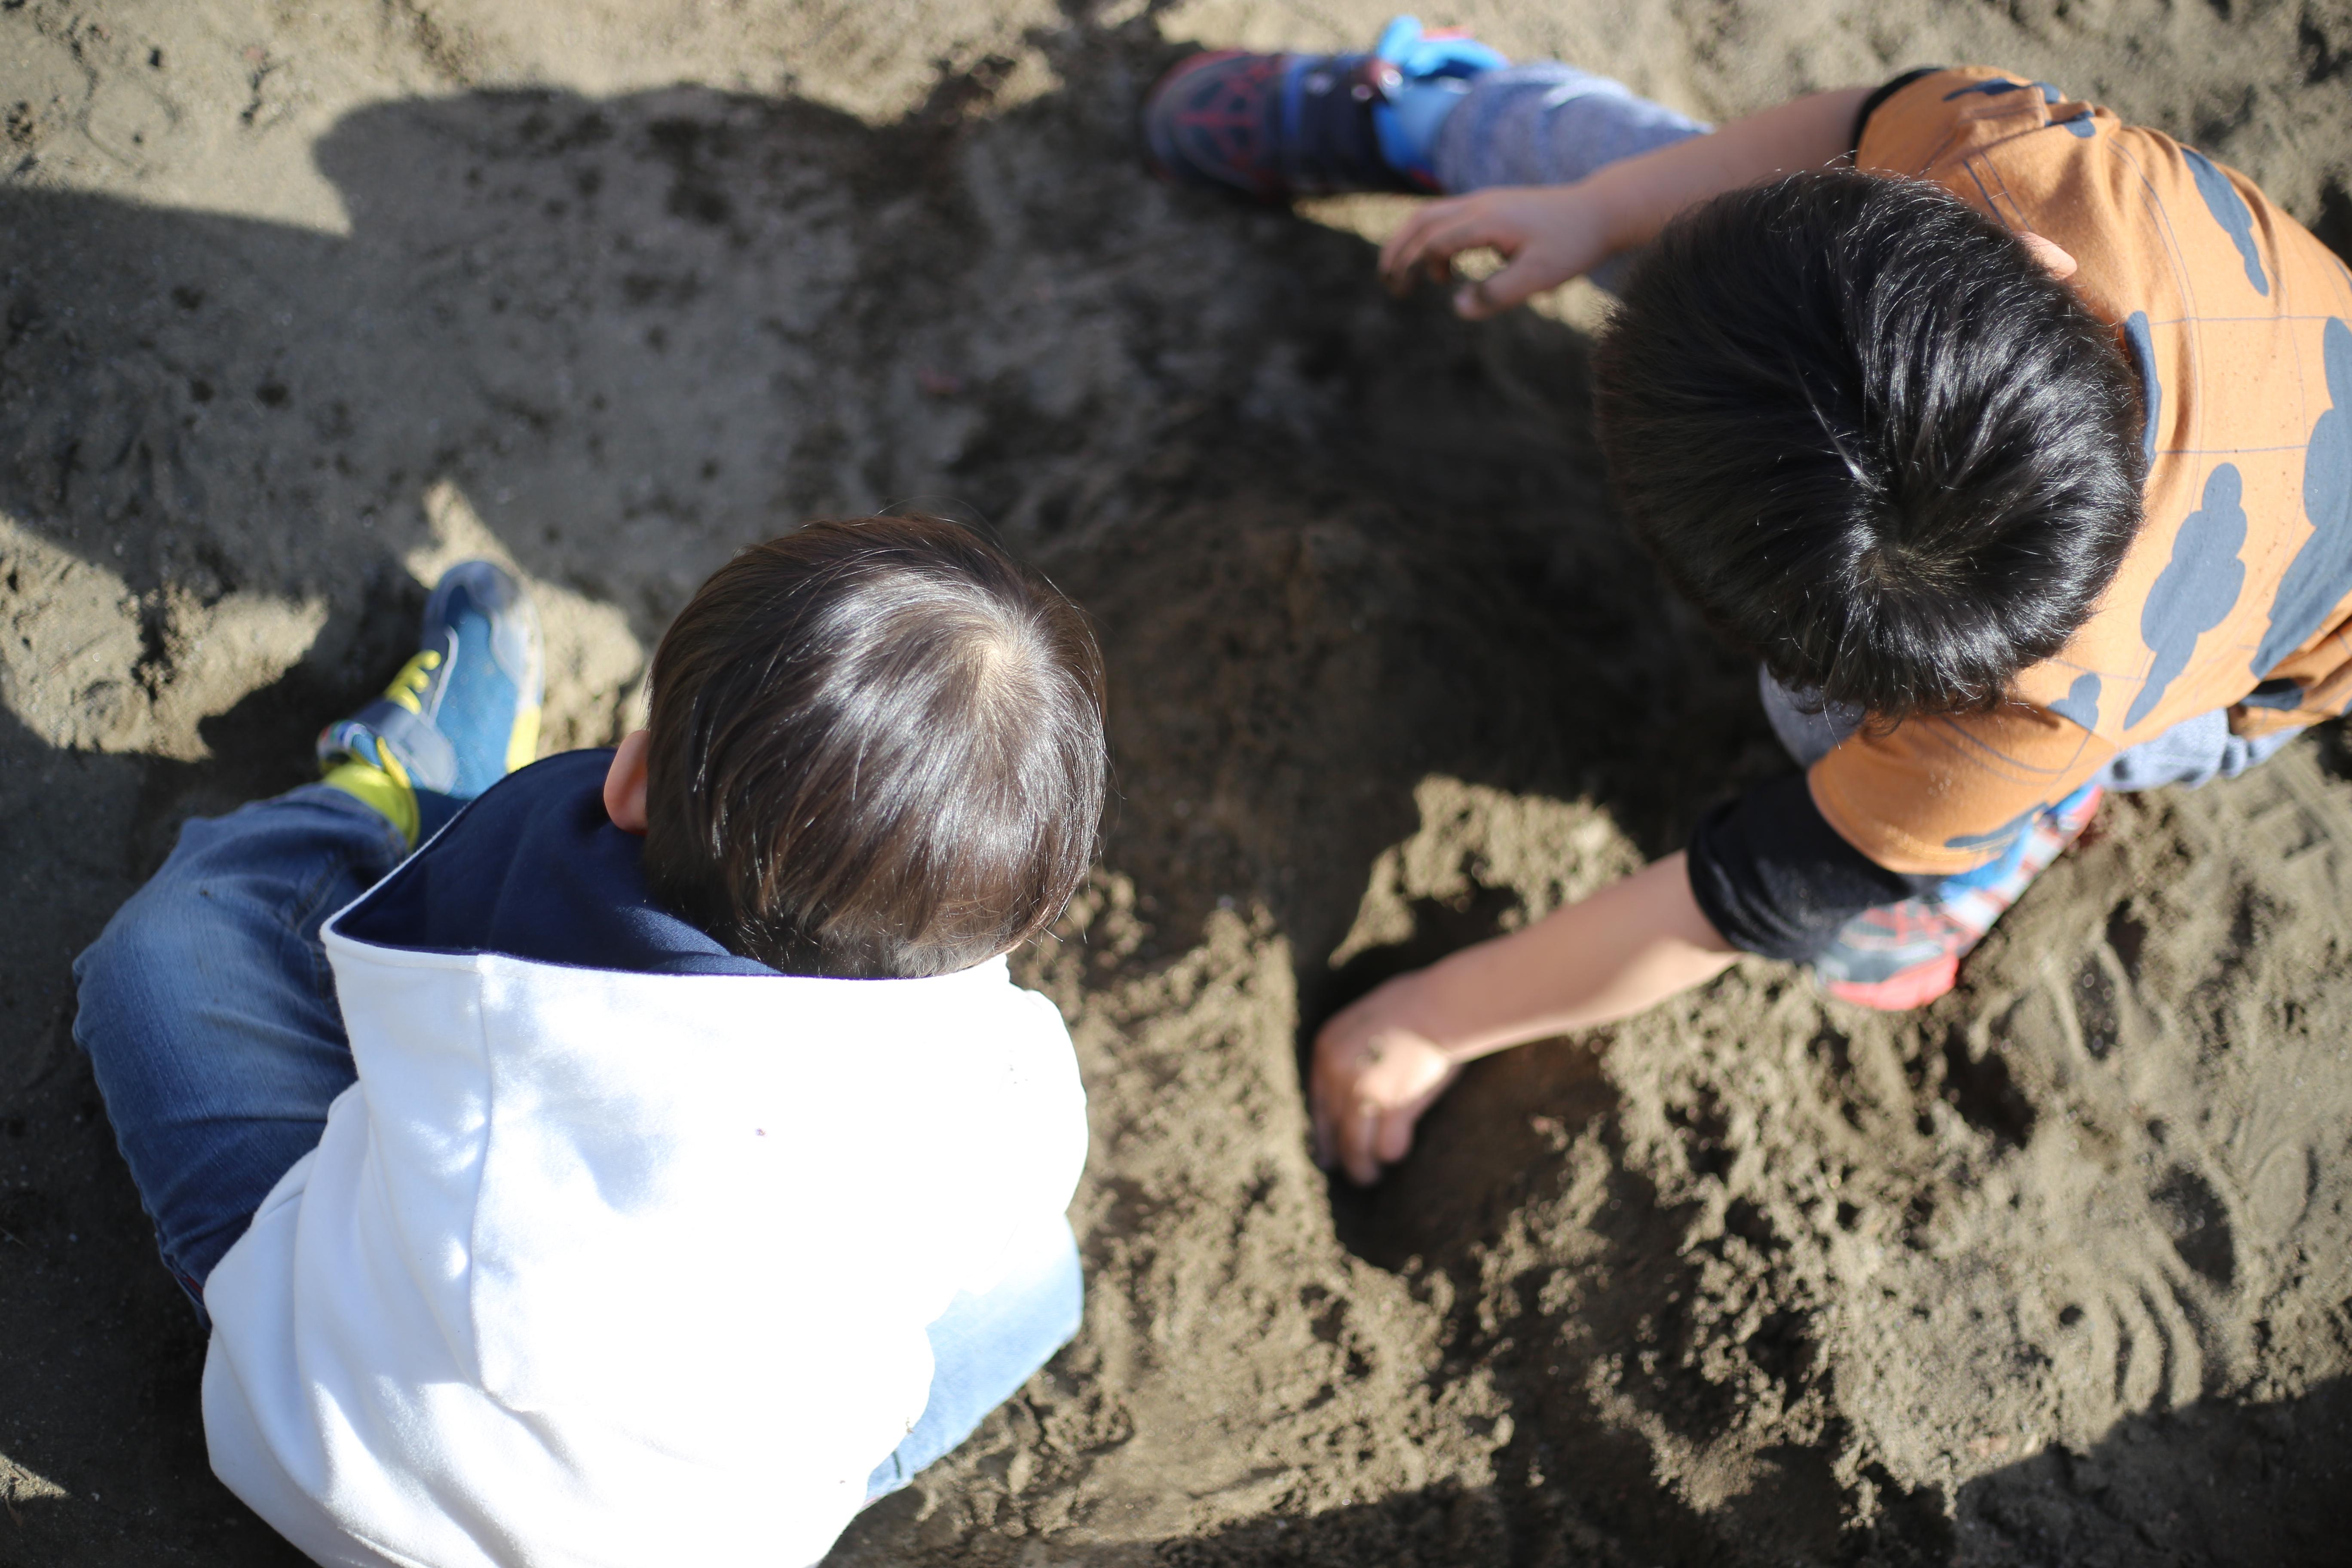 やめて vs. やめて/やめて vs. やりたい 砂山保育士を見て考えた